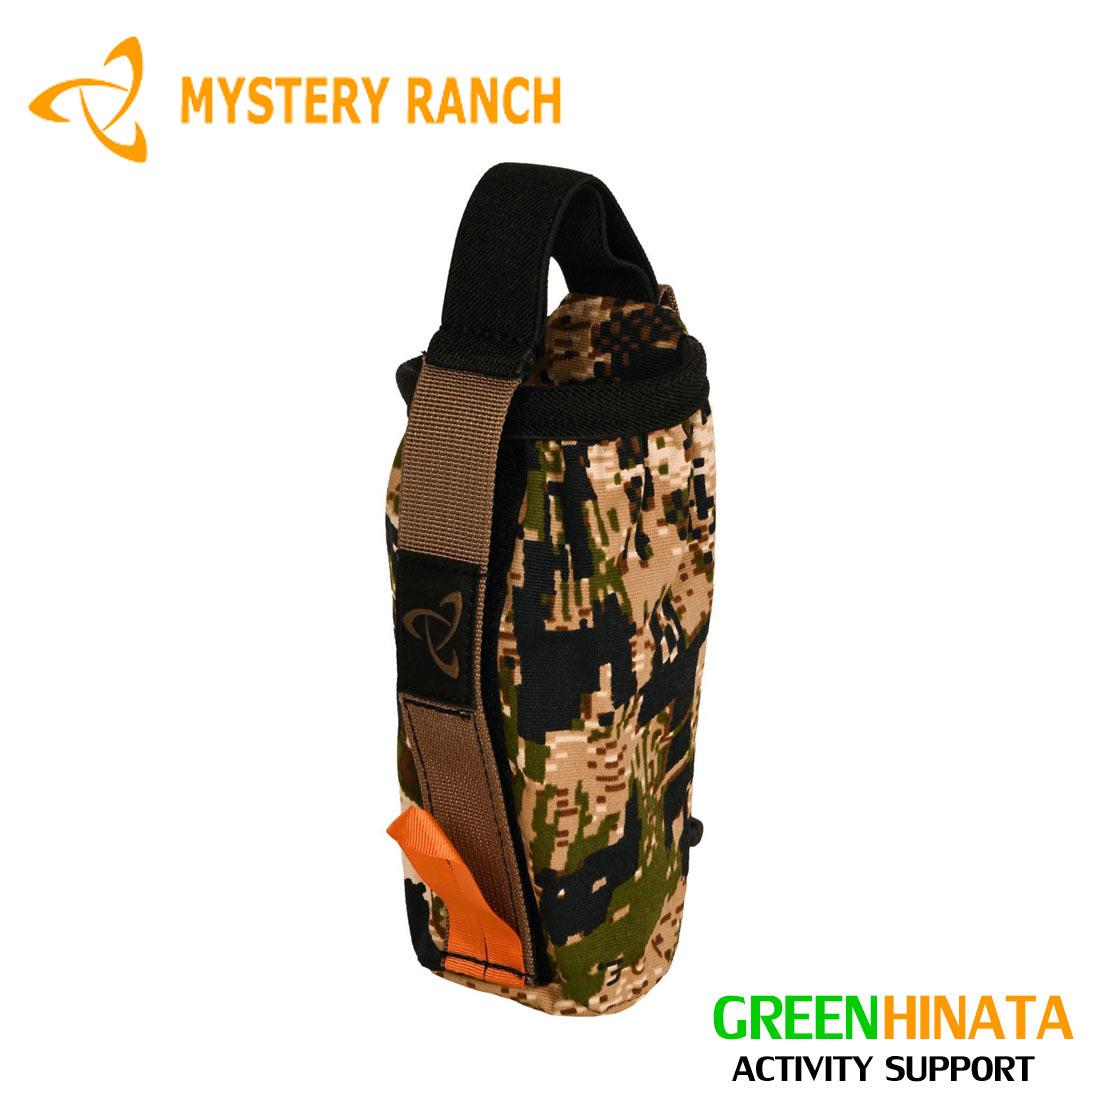 【国内正規品】 ミステリーランチ ベアスプレーホルスター ポーチ MYSTERY RANCH BEAR SPRAY HOLSTER 小物入れ バッグ